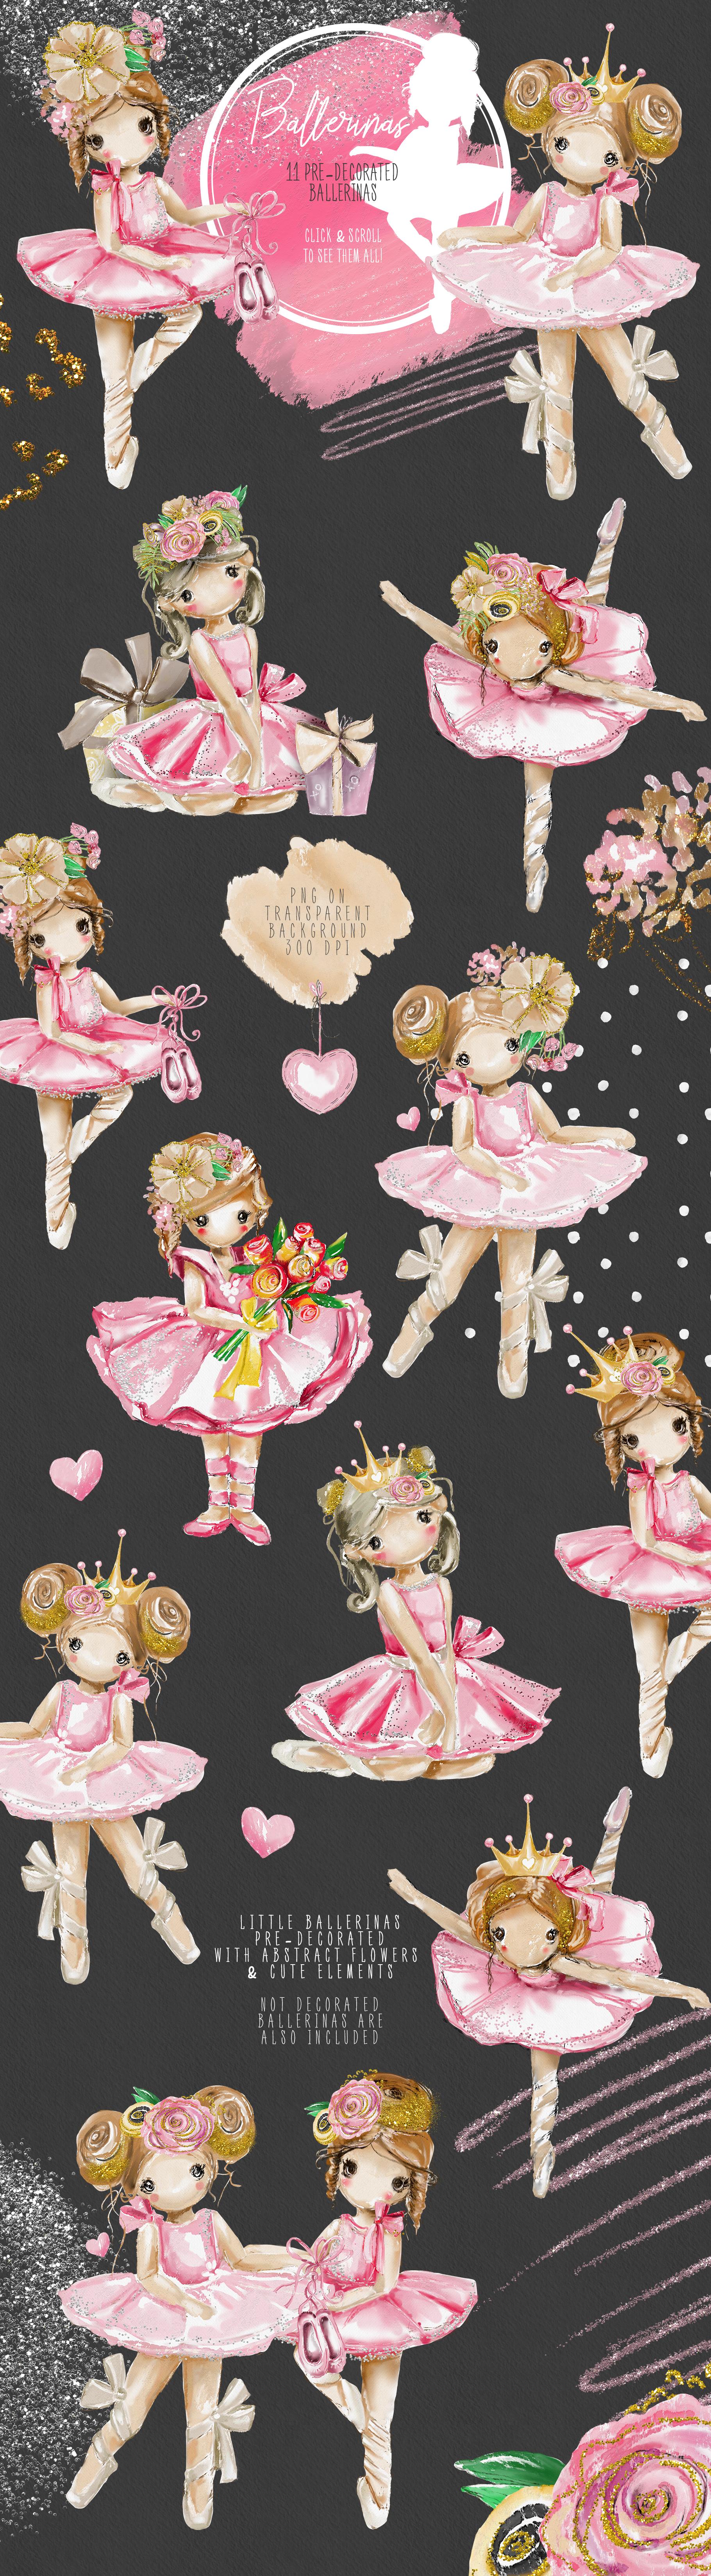 My Little Ballerina example image 2